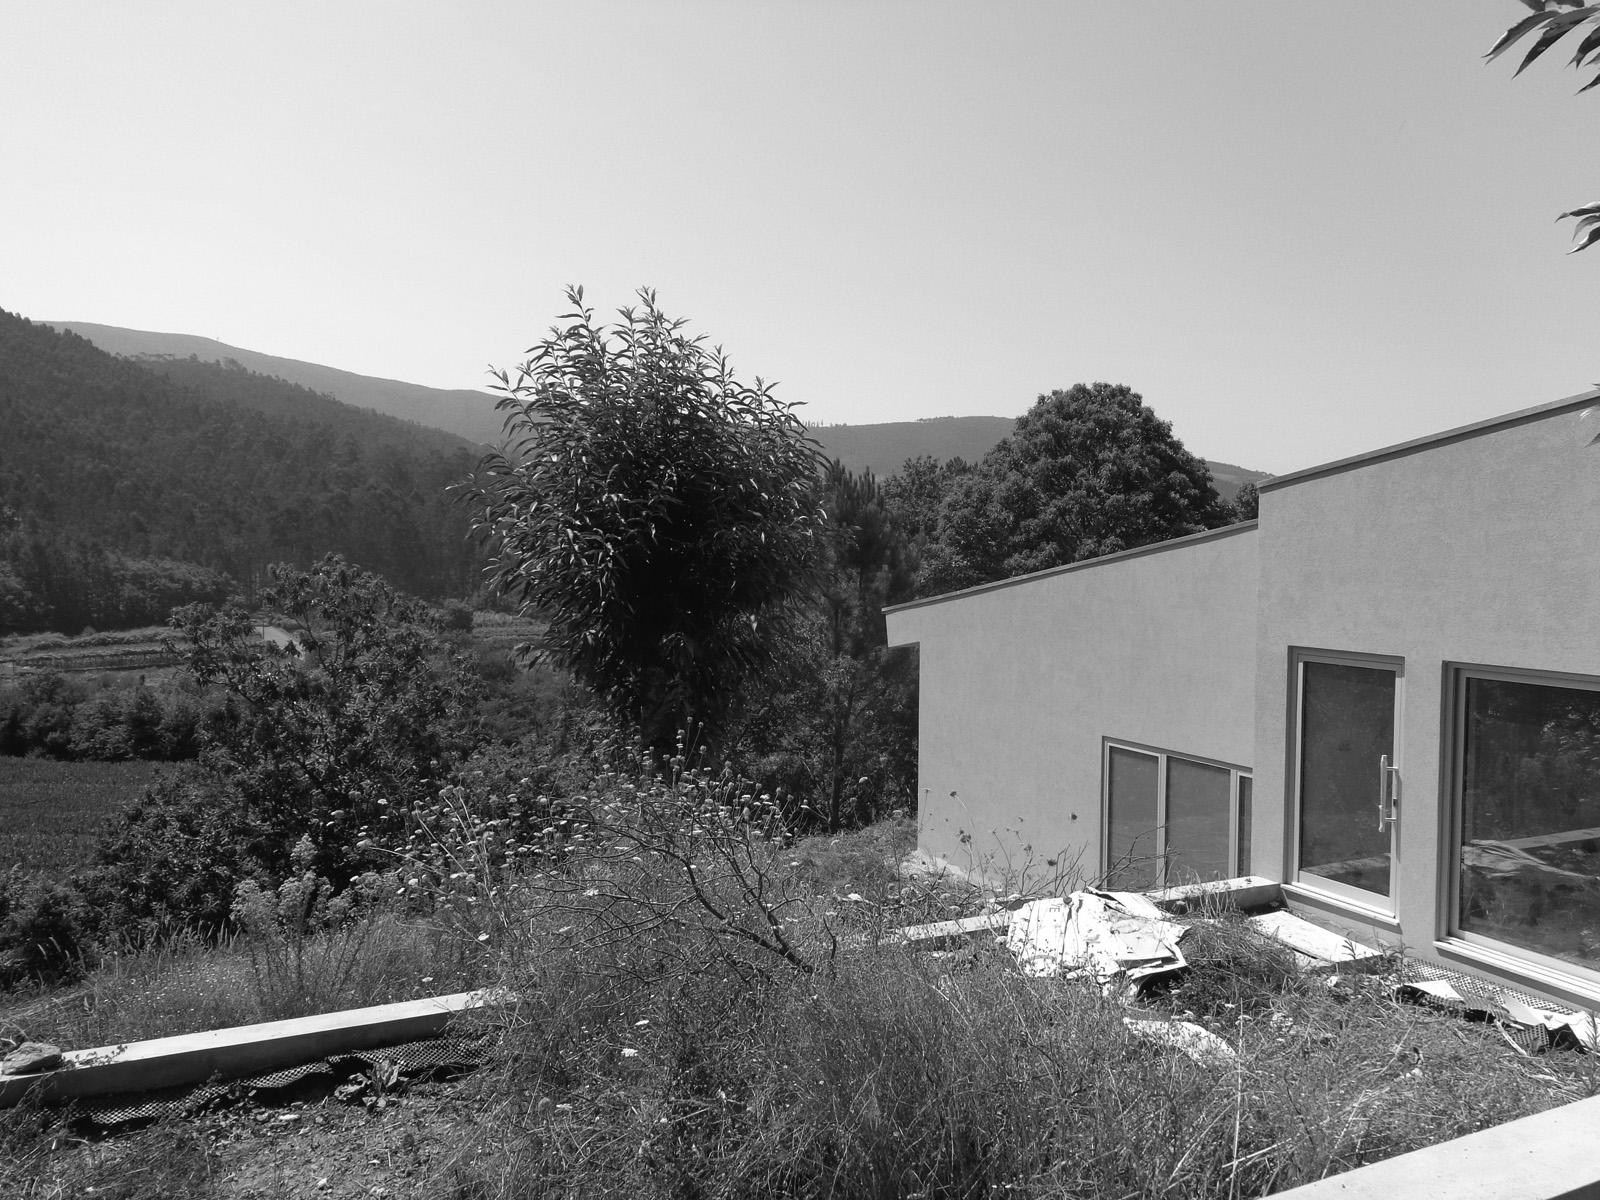 Moradia S+N - arquitectura - ossela - oliveira de azeméis - construção - arquitectos Porto - EVA evolutionary architecture (21).jpg